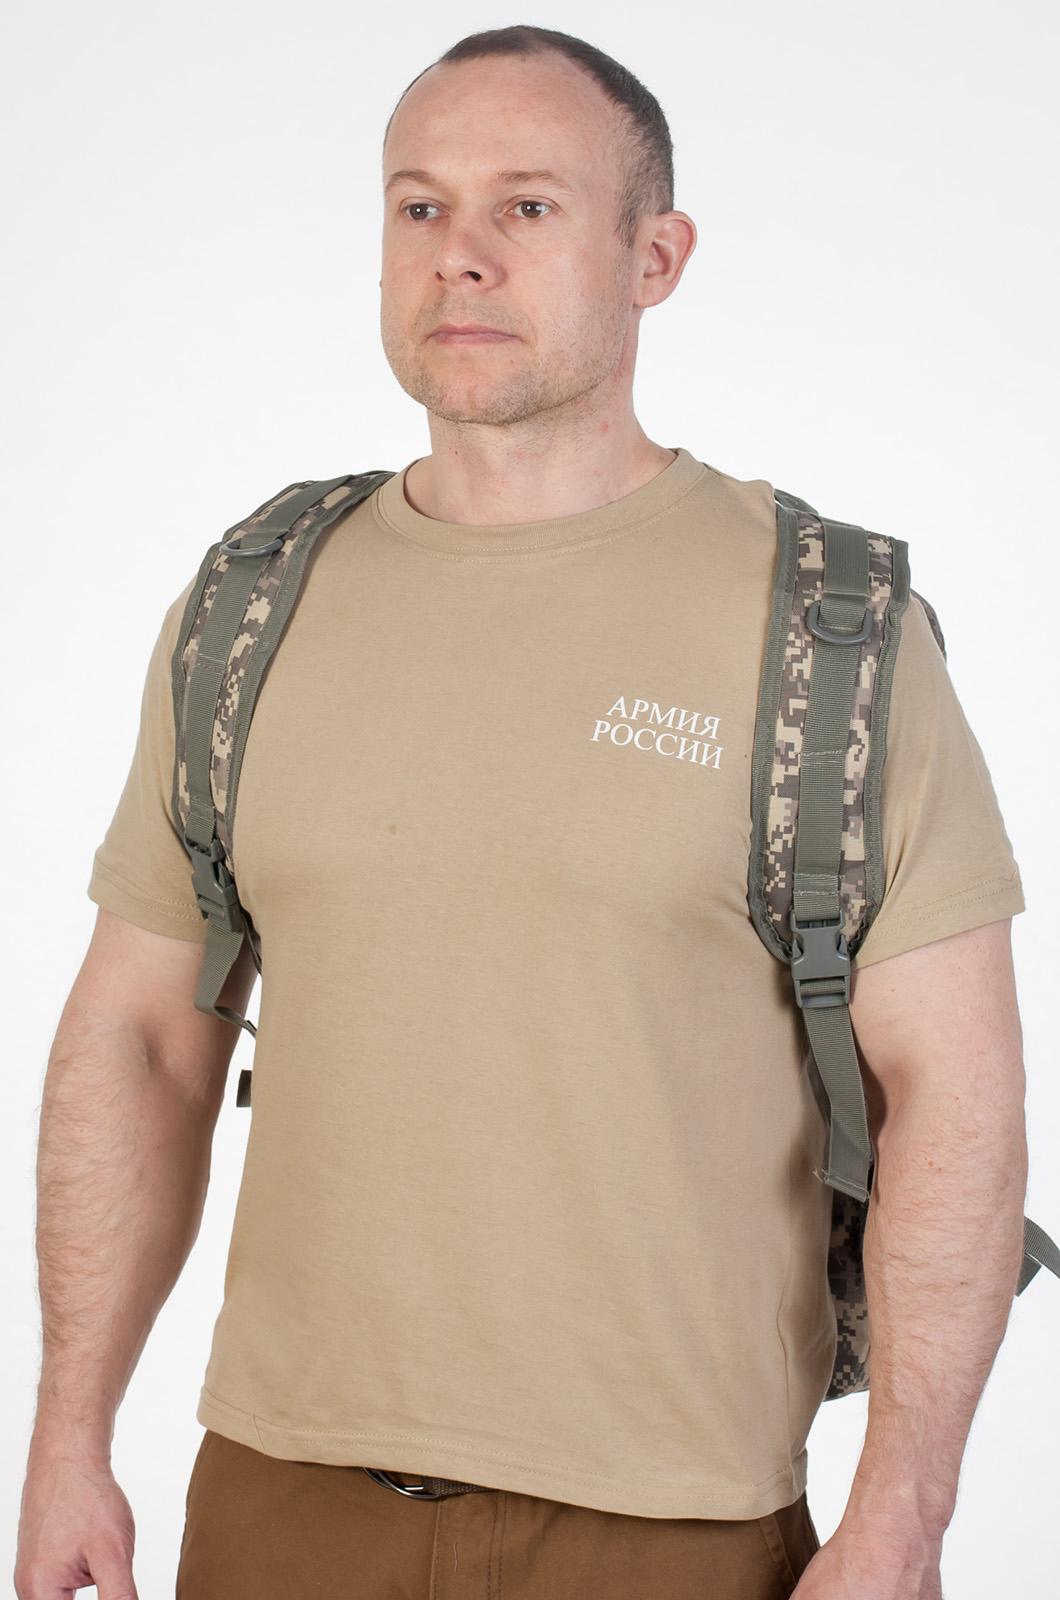 Рейдовый камуфляжный рюкзак с нашивкой МВД - купить в подарок